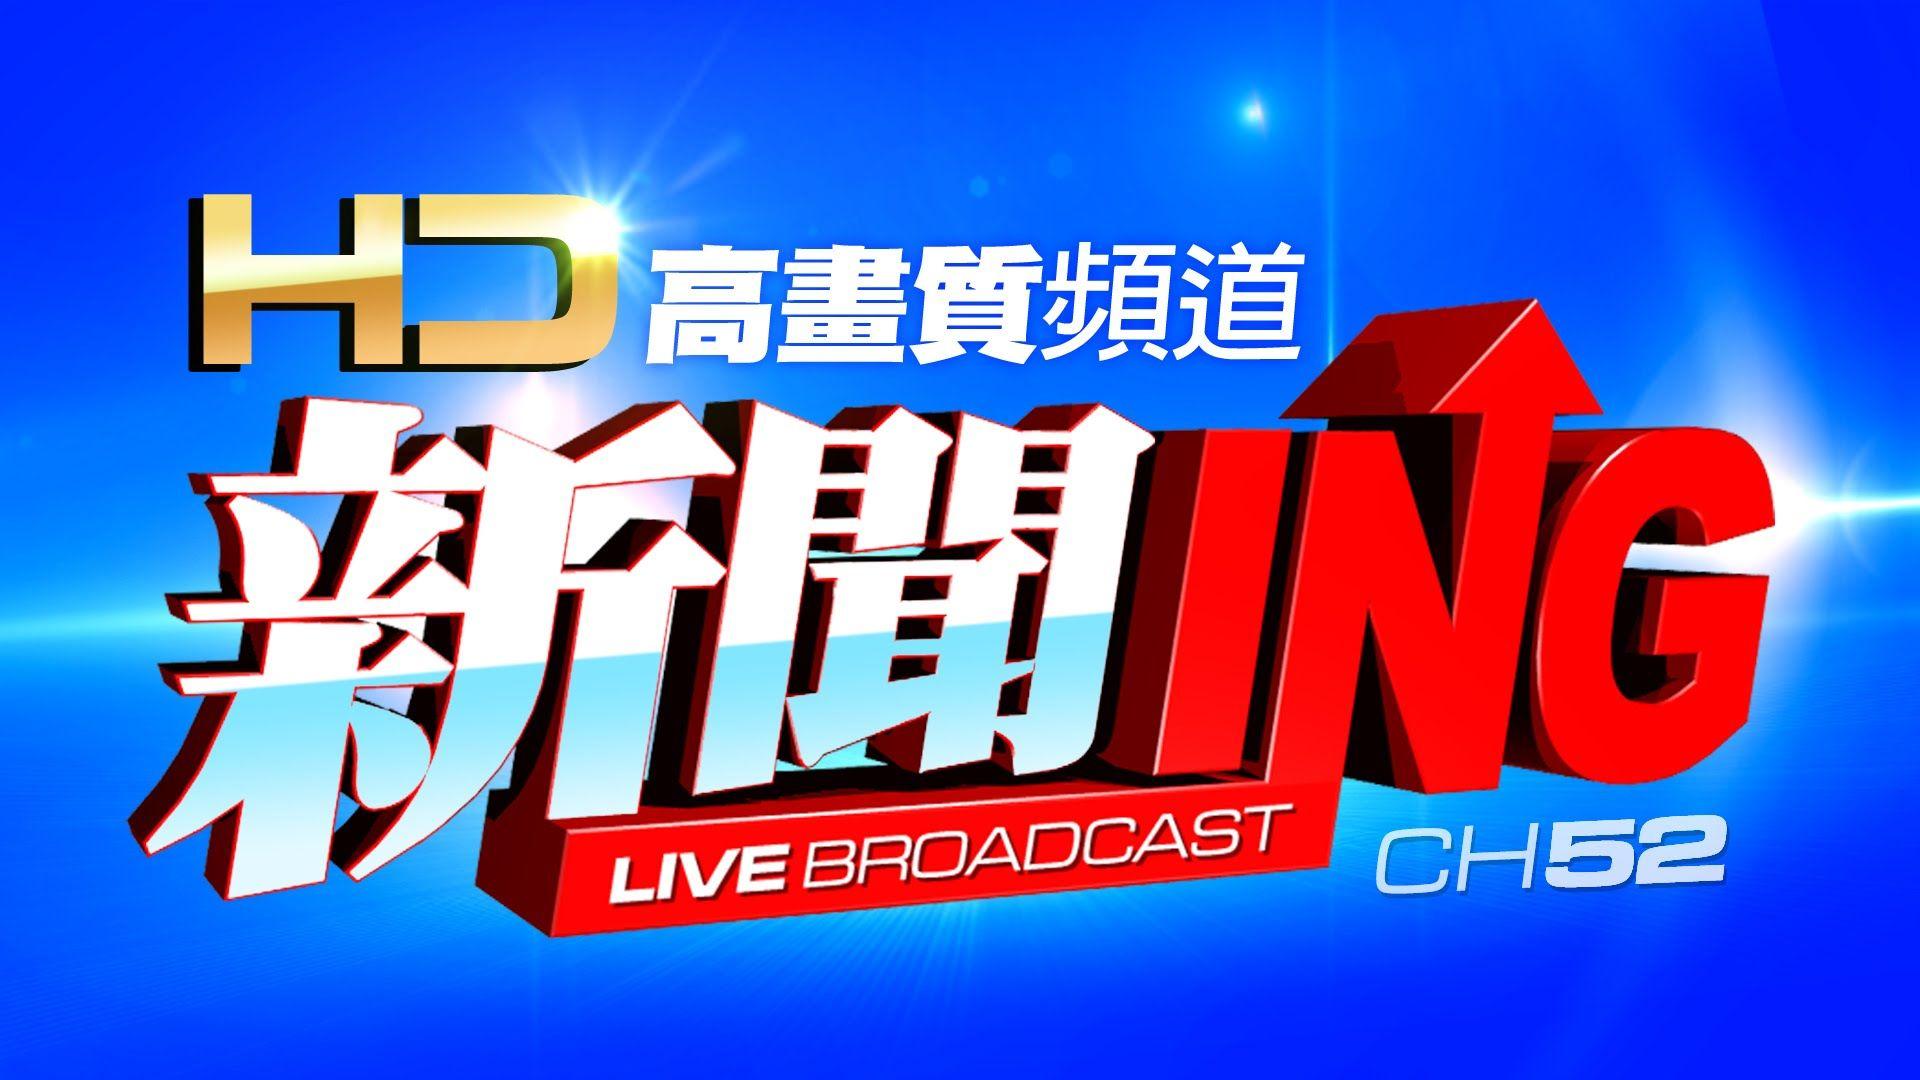 中天電視網路直播 Hd 頻道 Taiwan Ctitv News Hd Live With Images